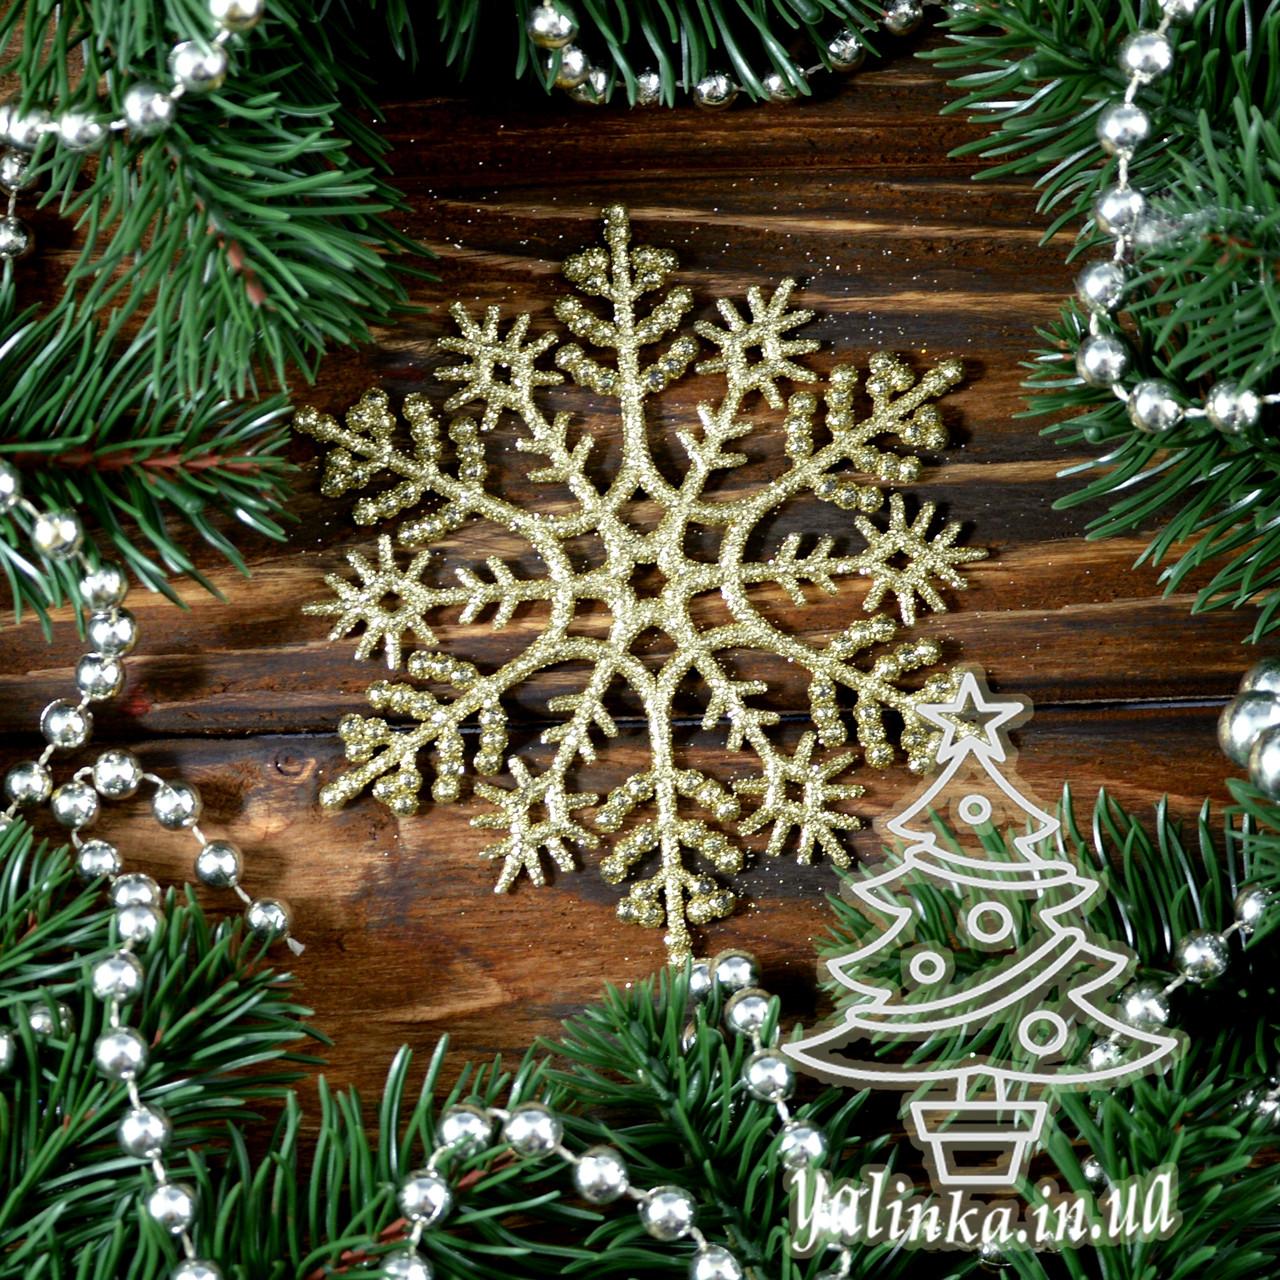 Новогоднее украшение Снежинка классическая 1 шт МАВ000